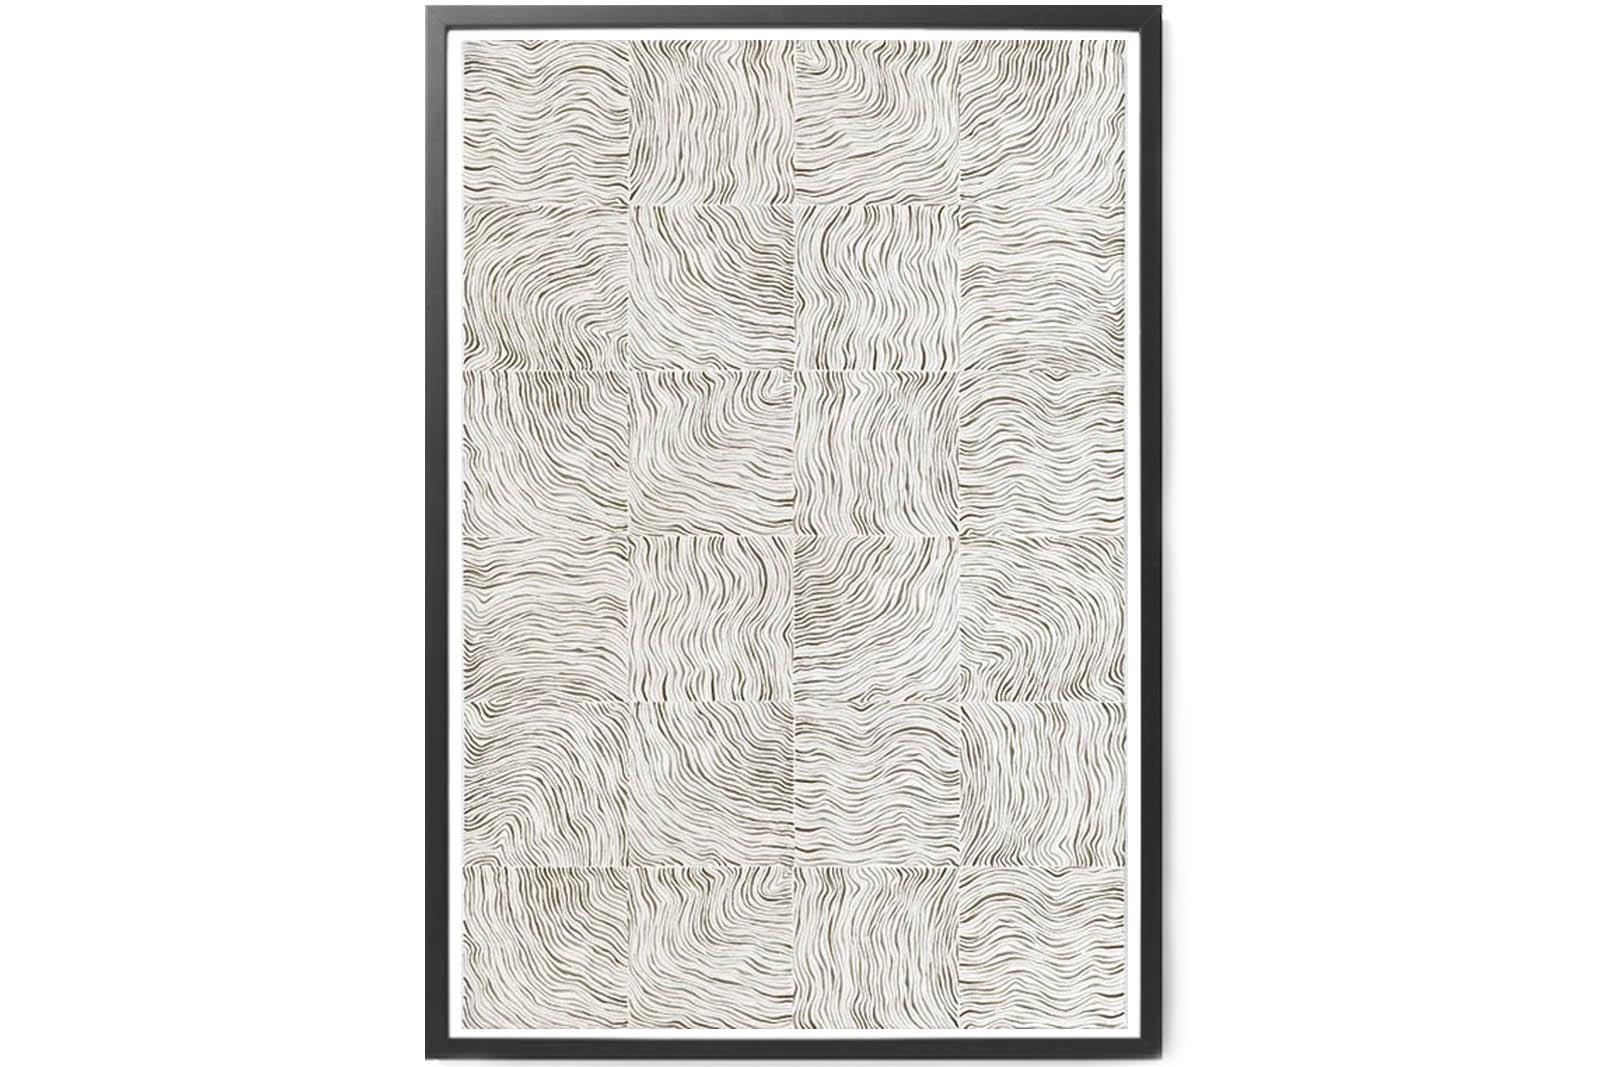 KRISTINA KROGH- ポスター/アートプリント 70×100cm Lines of Sand *限定 100枚【イラスト インテリア 北欧雑貨 おしゃれ 壁掛け 絵画 パネル モダン モノクロ モノトーン】